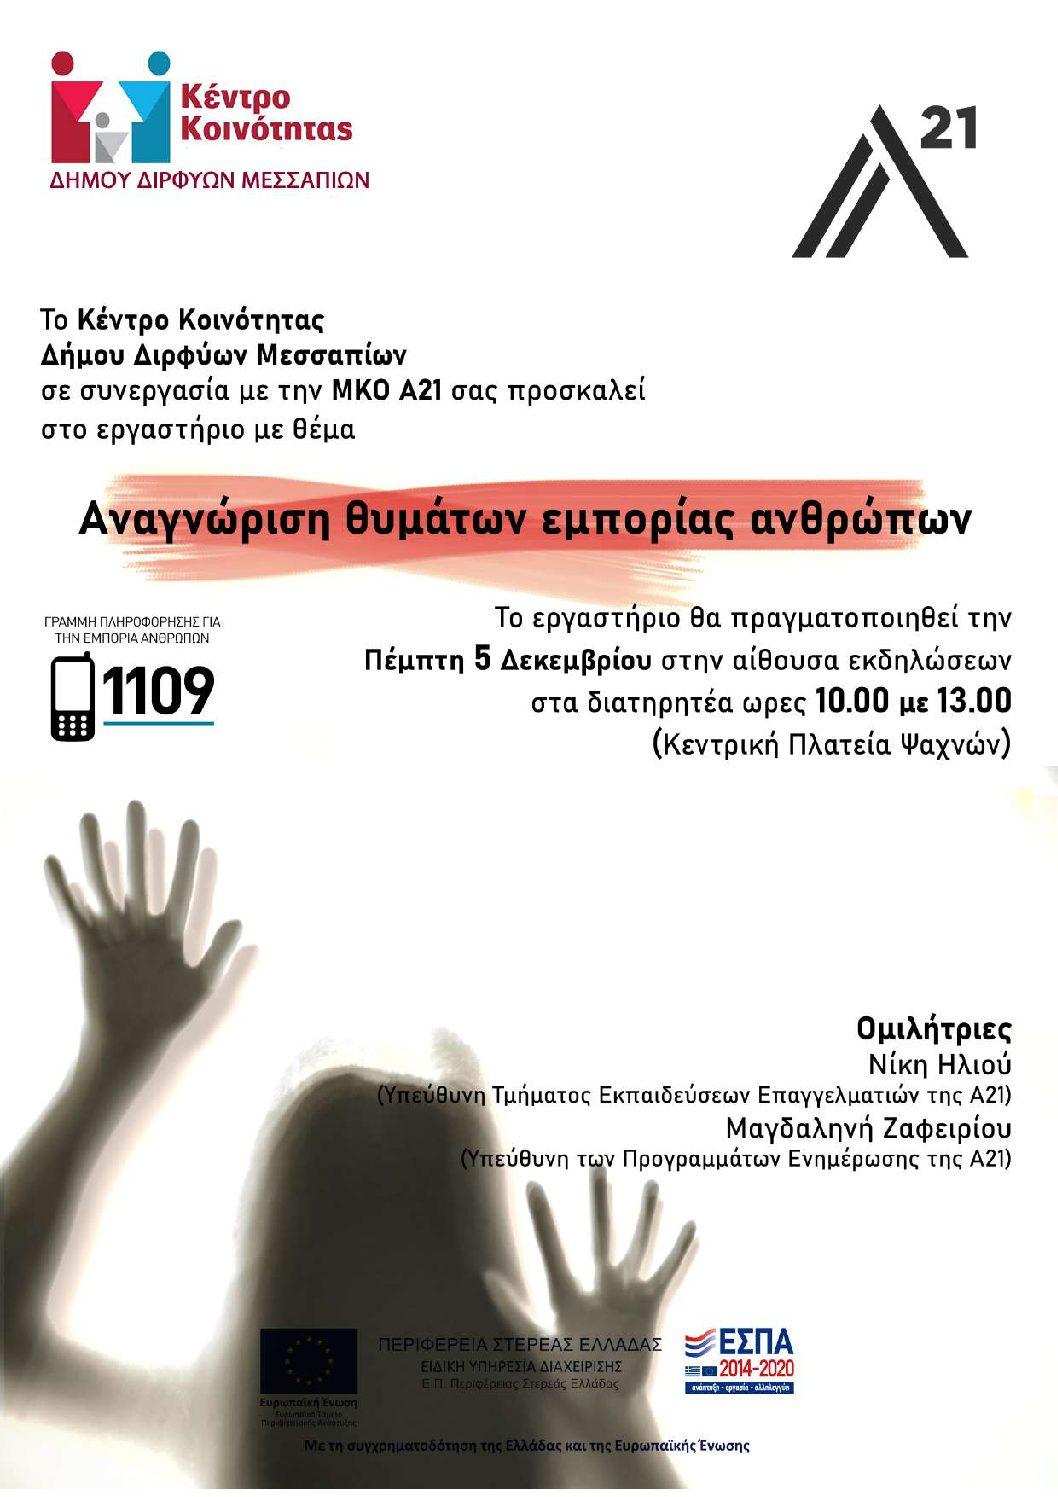 Εργαστήριο εκπαίδευσης σε μεθόδους αναγνώρισης εμπορίας ανθρώπων από το Κέντρο Κοινότητας Δήμου Διρφύων Μεσσαπίων και τη ΜΚΟ Α21